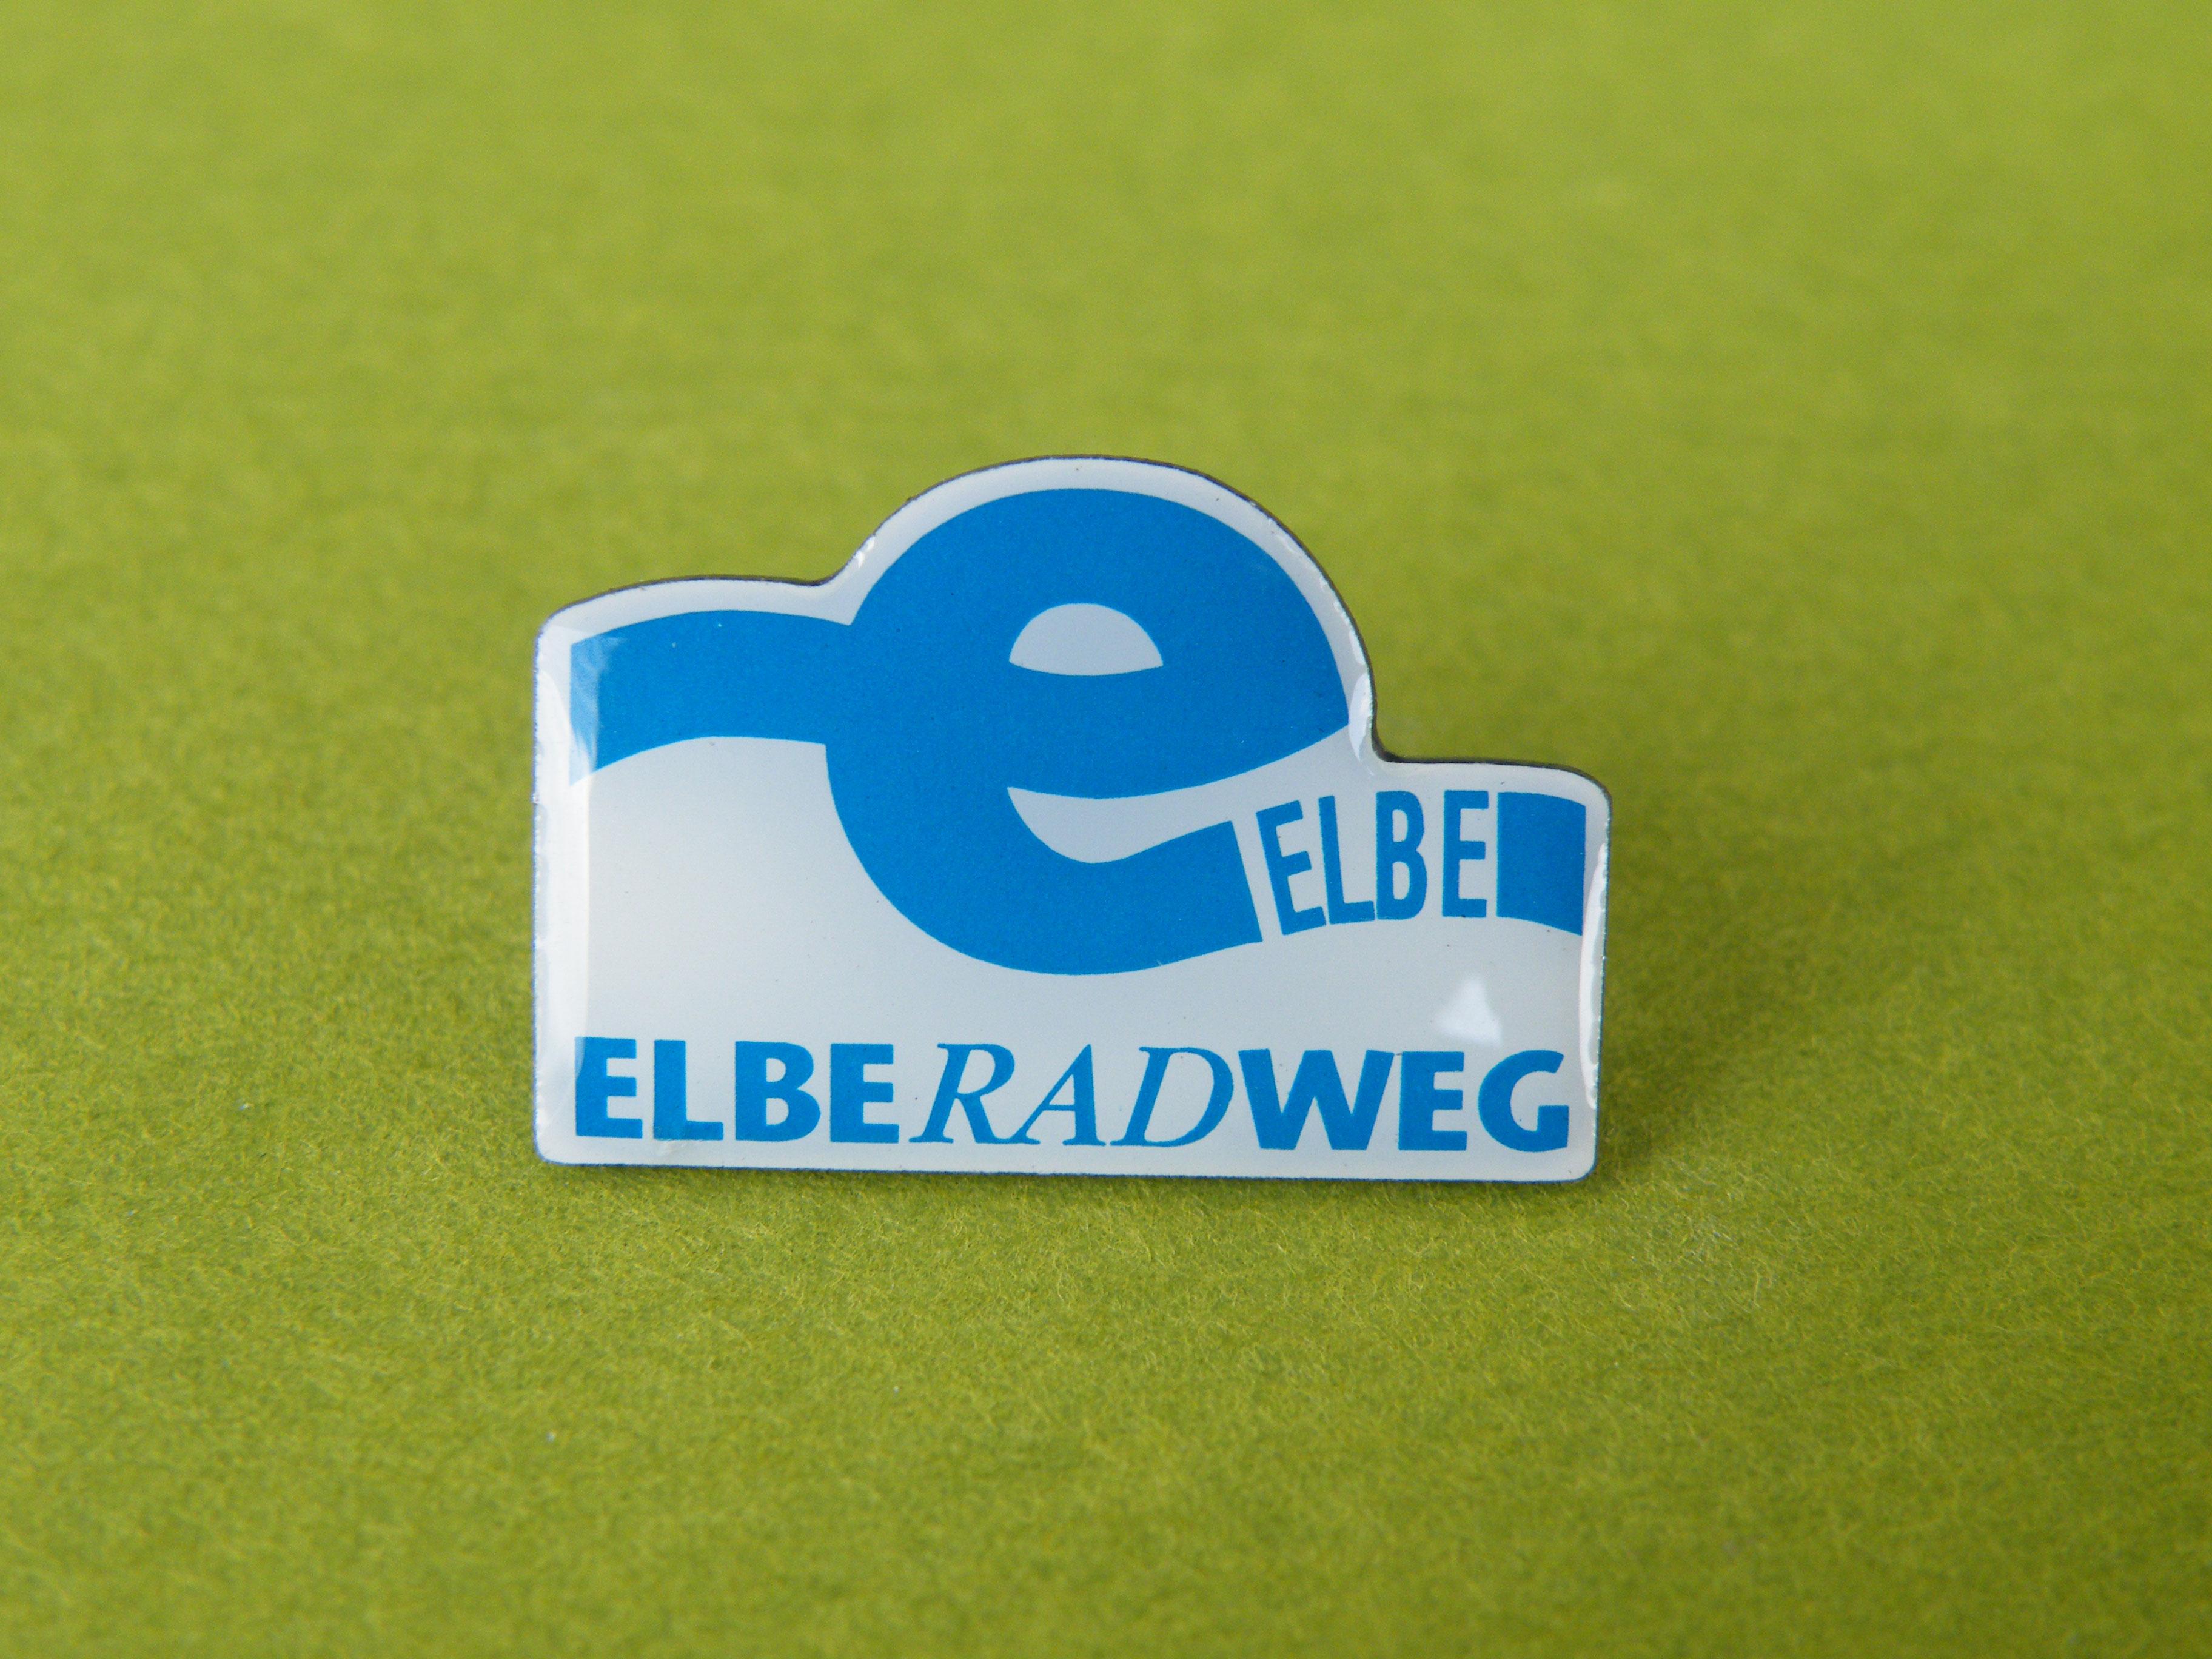 Pin Elberadweg